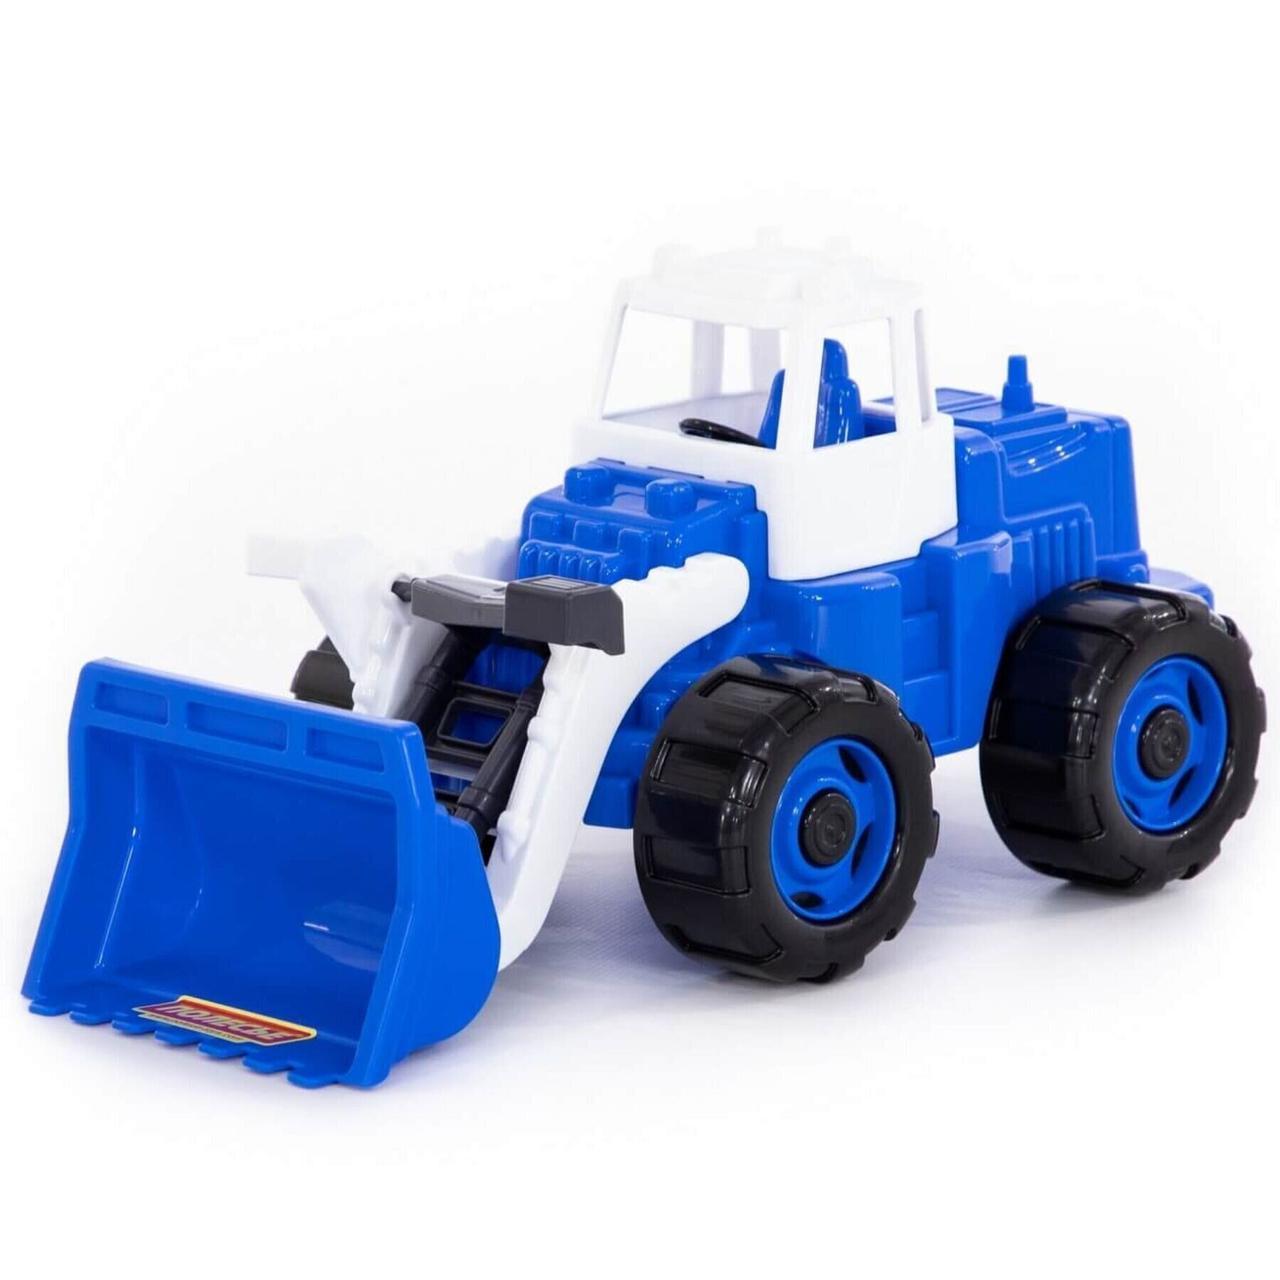 """Іграшка Polesie """"Вулкан"""" трактор-навантажувач помаранчевий (52254-1)"""